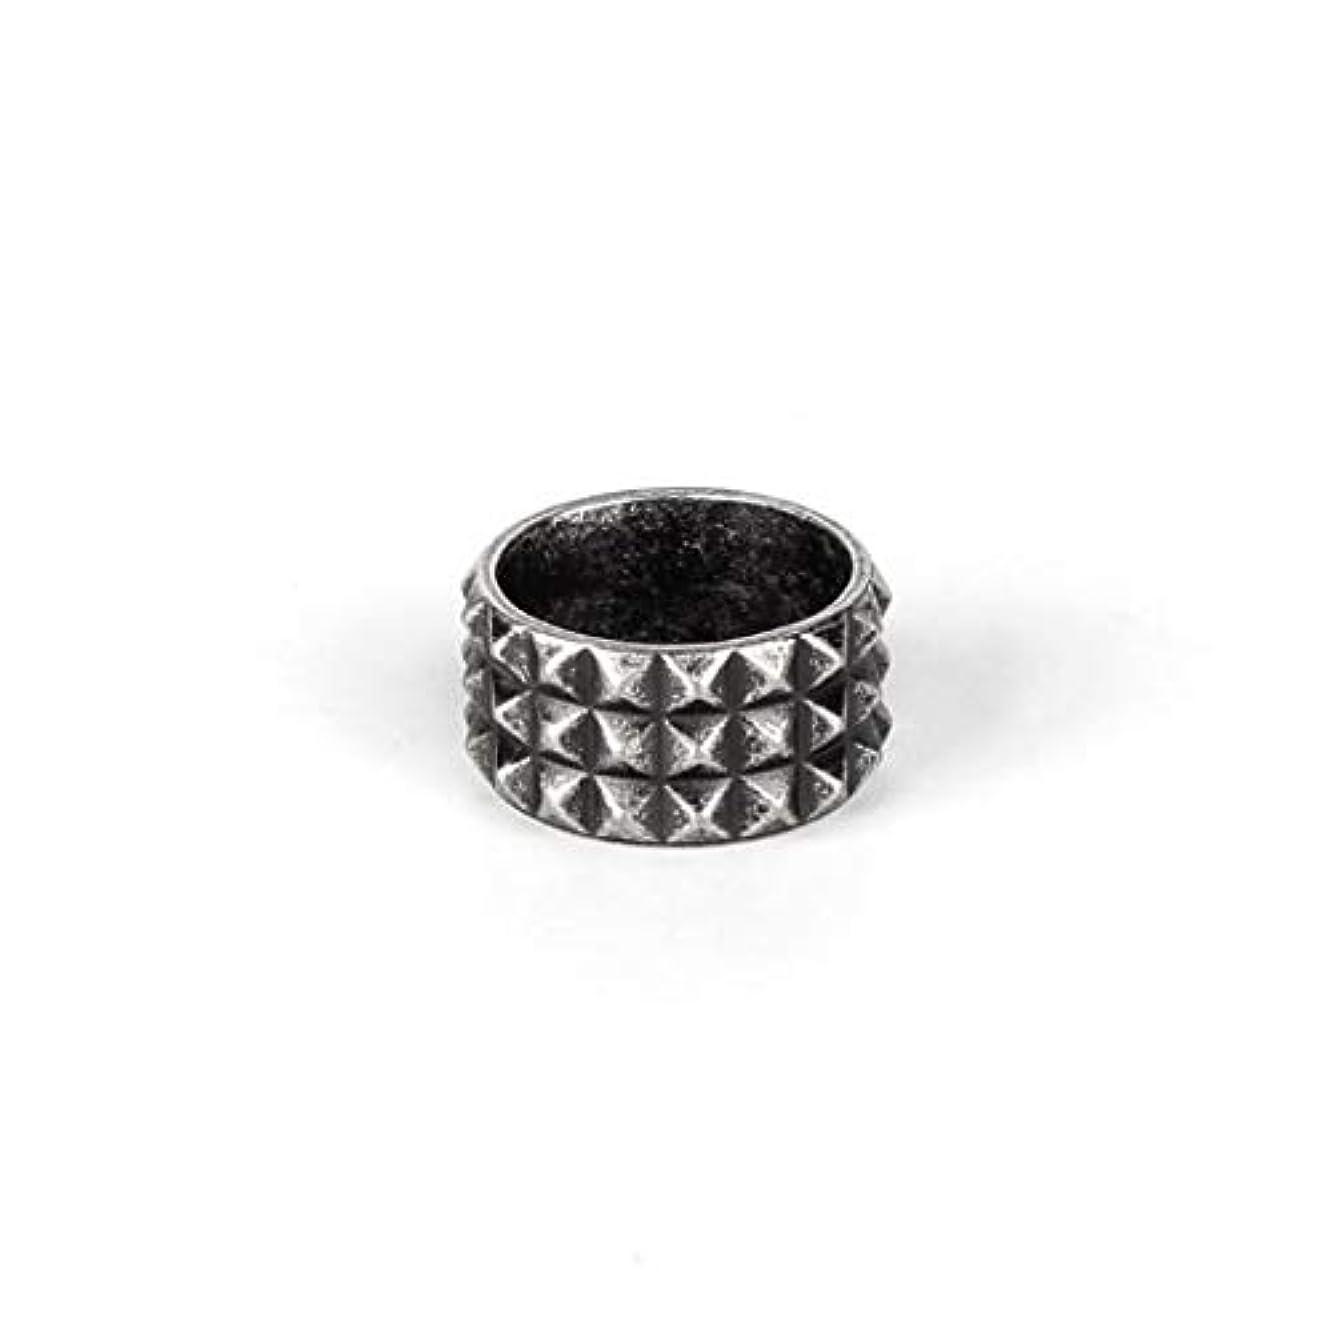 熟読届ける危機男性と女性の銅指輪、レトロスクエアコーナーチタン鋼リング、シンプルな幾何学的なカップル人格リングギフト (Design : 6#)